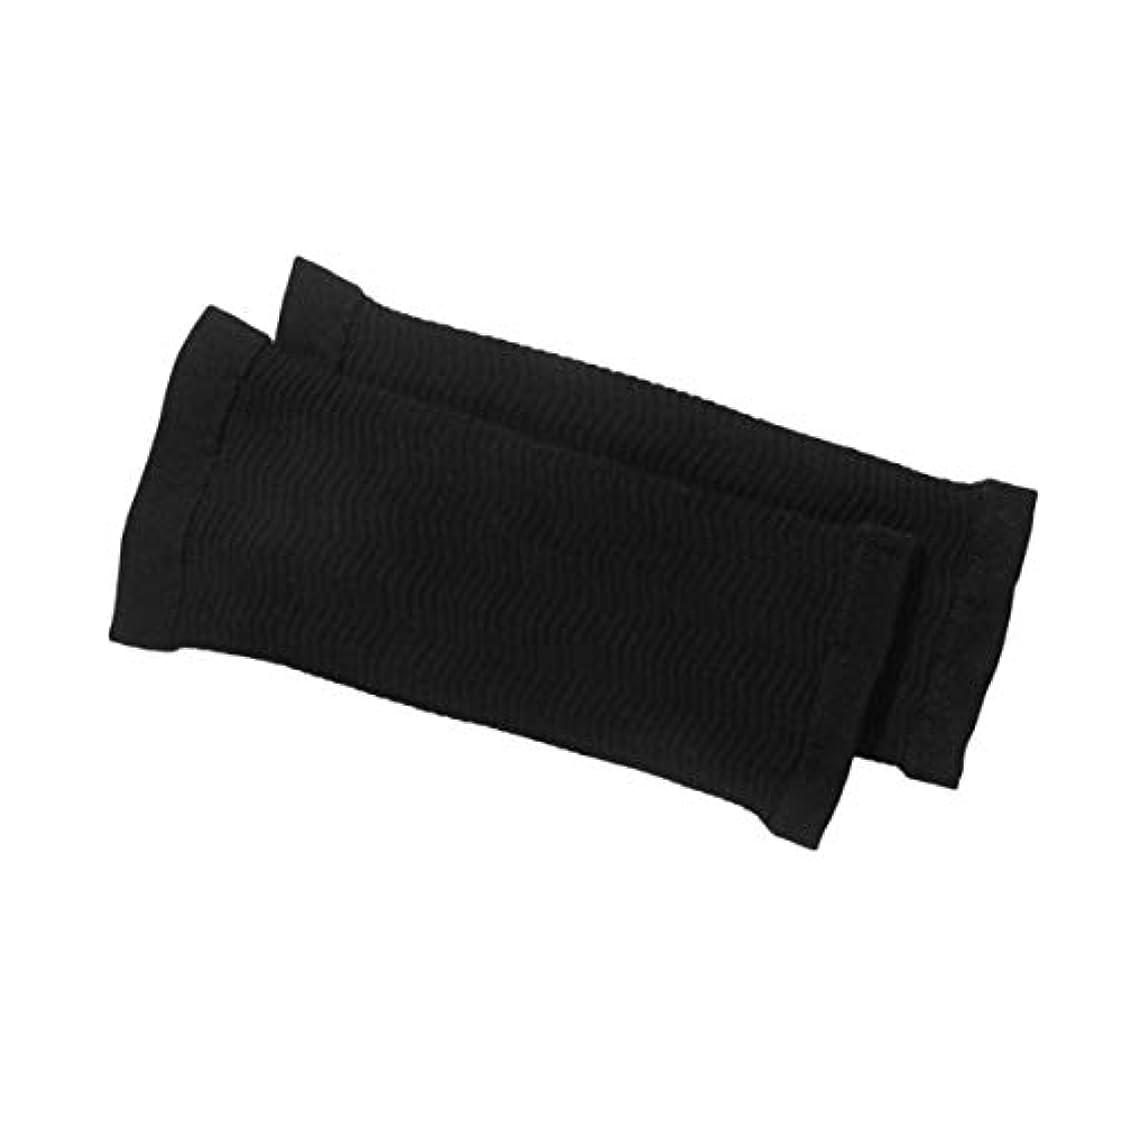 拒絶スチュアート島生き残り1ペア420 D圧縮痩身アームスリーブワークアウトトーニングバーンセルライトシェイパー脂肪燃焼袖用女性 - 黒